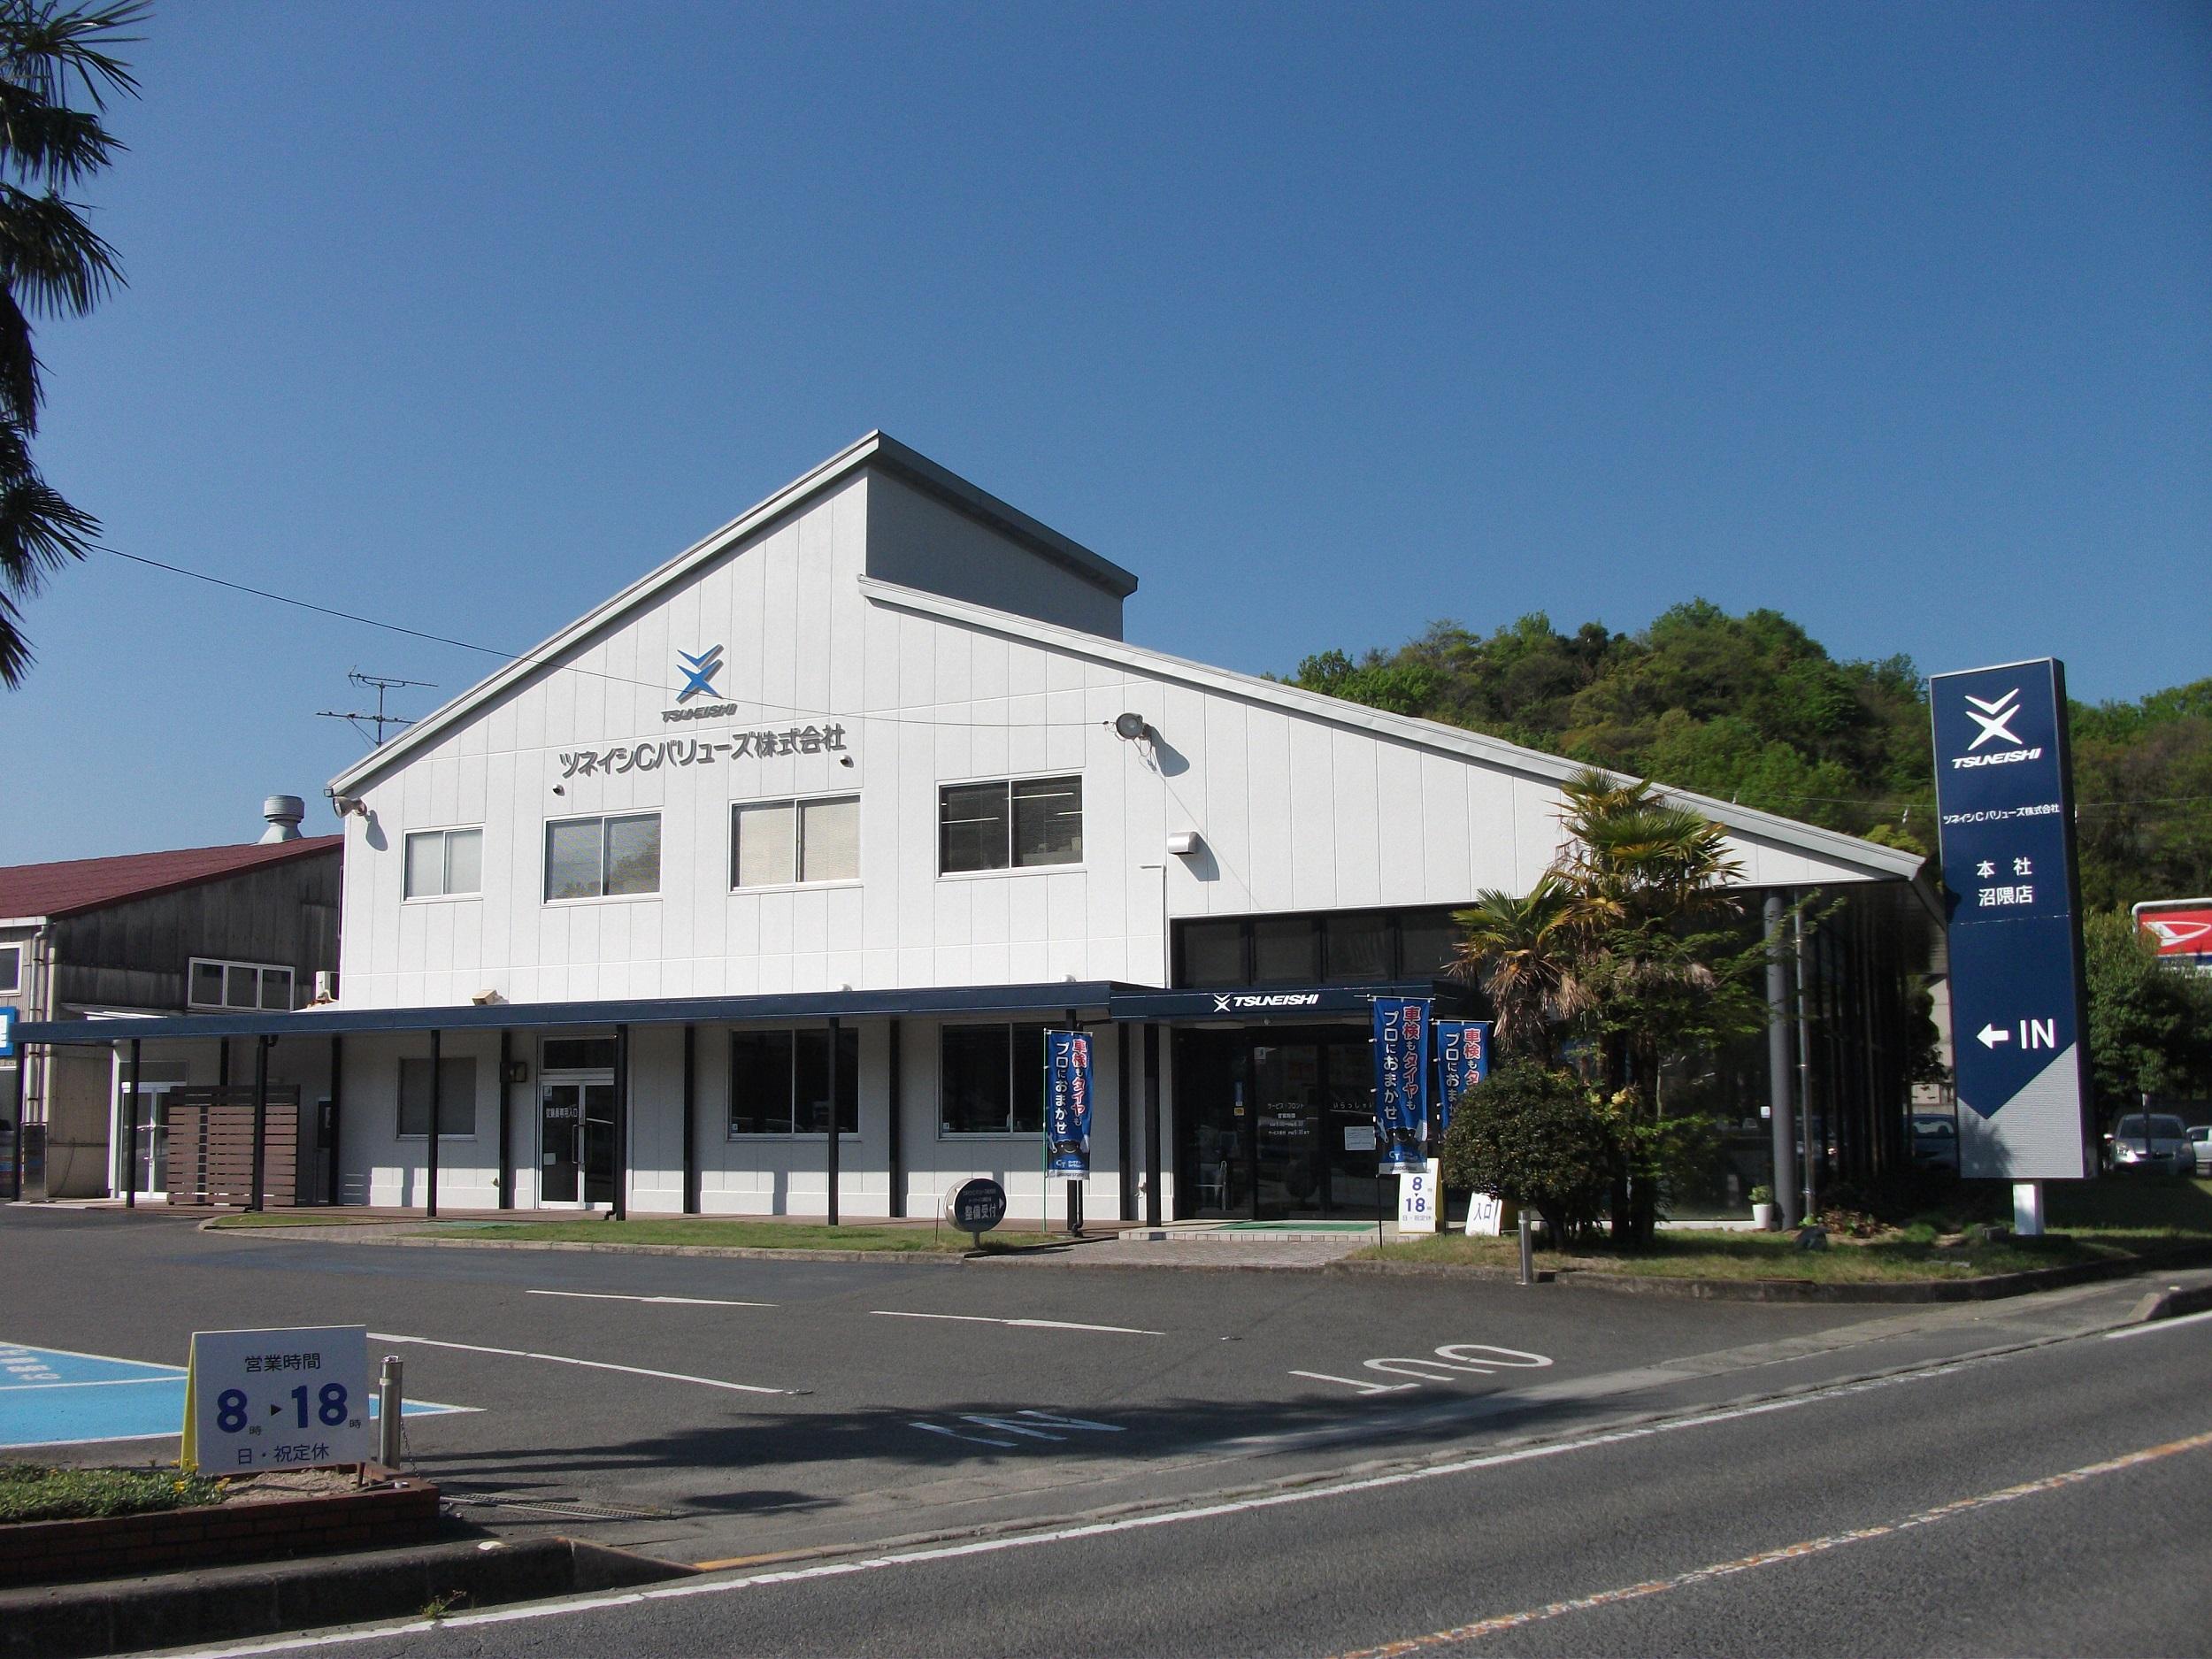 ツネイシCバリューズ沼隈店 ゴールデンウィーク期間の営業に関するお知らせ